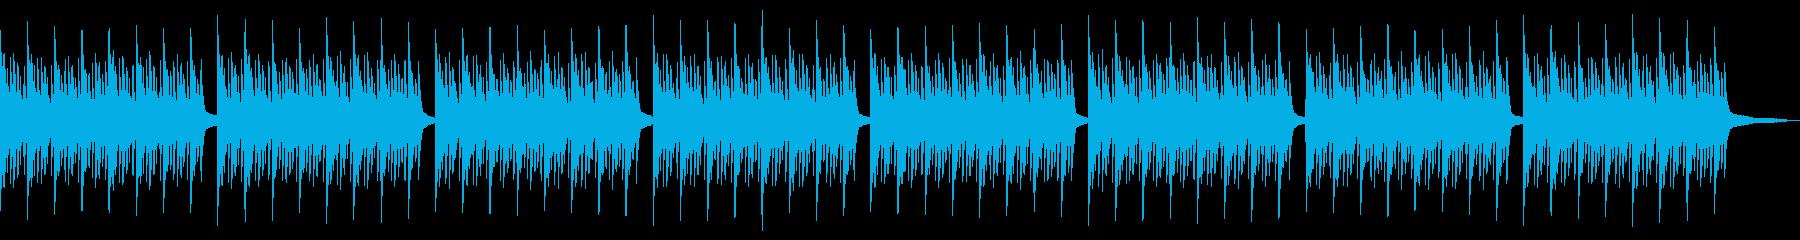 神秘的なピアノアンビエントの再生済みの波形